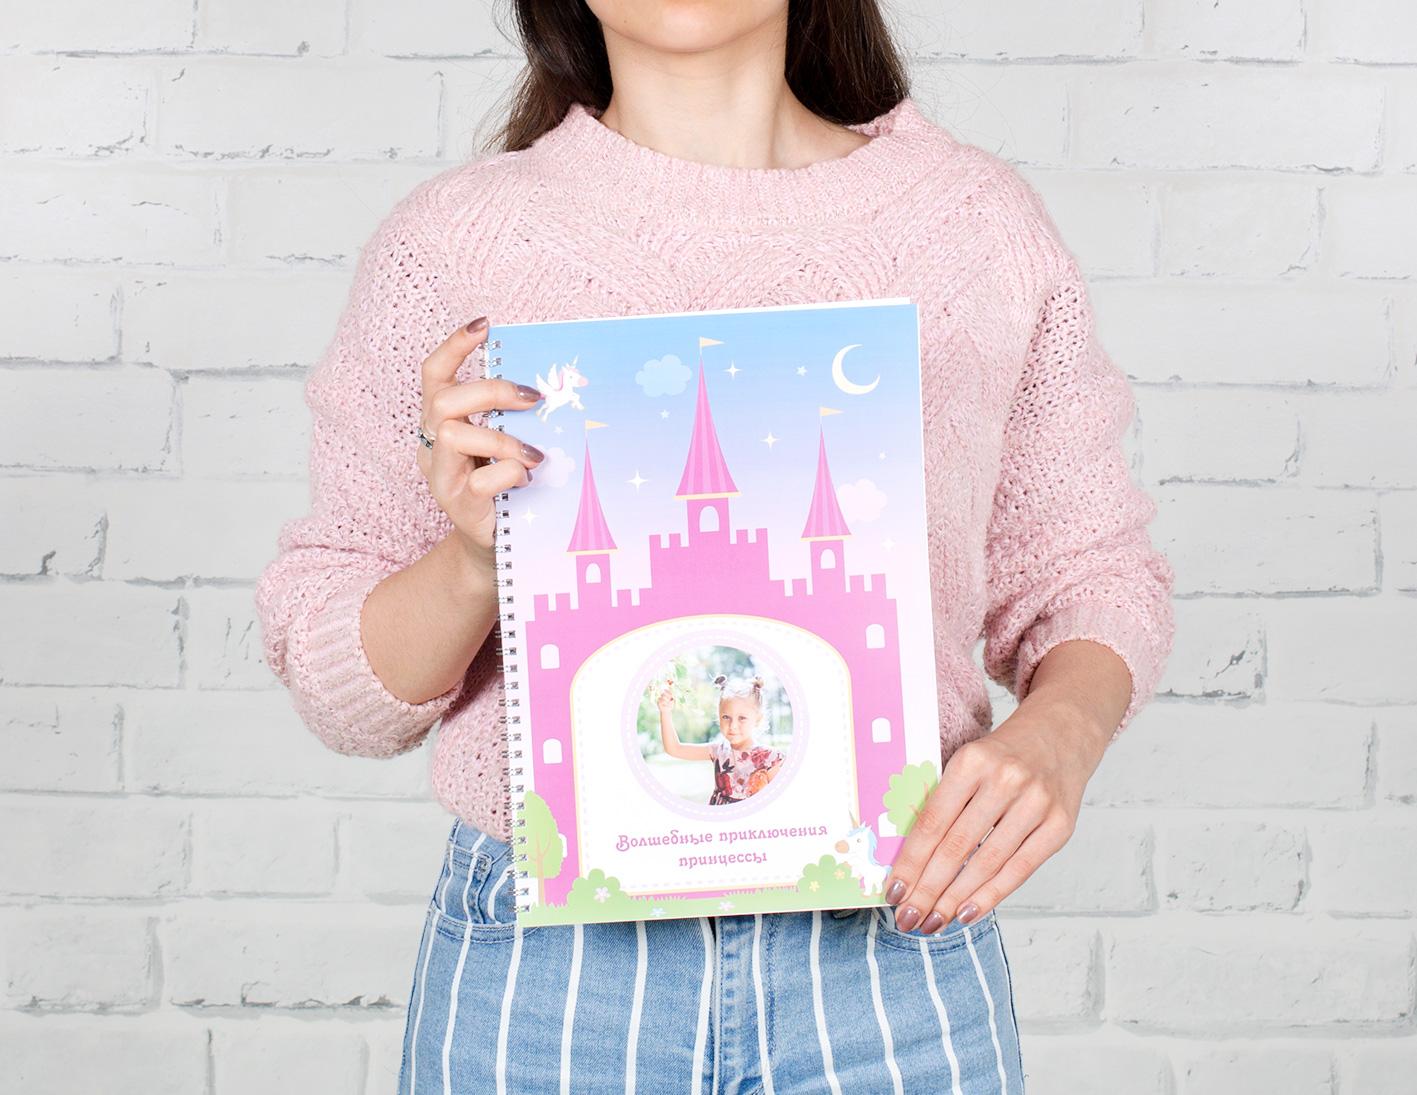 Детские лабиринты с фото и наклейками ребенка - Иваново